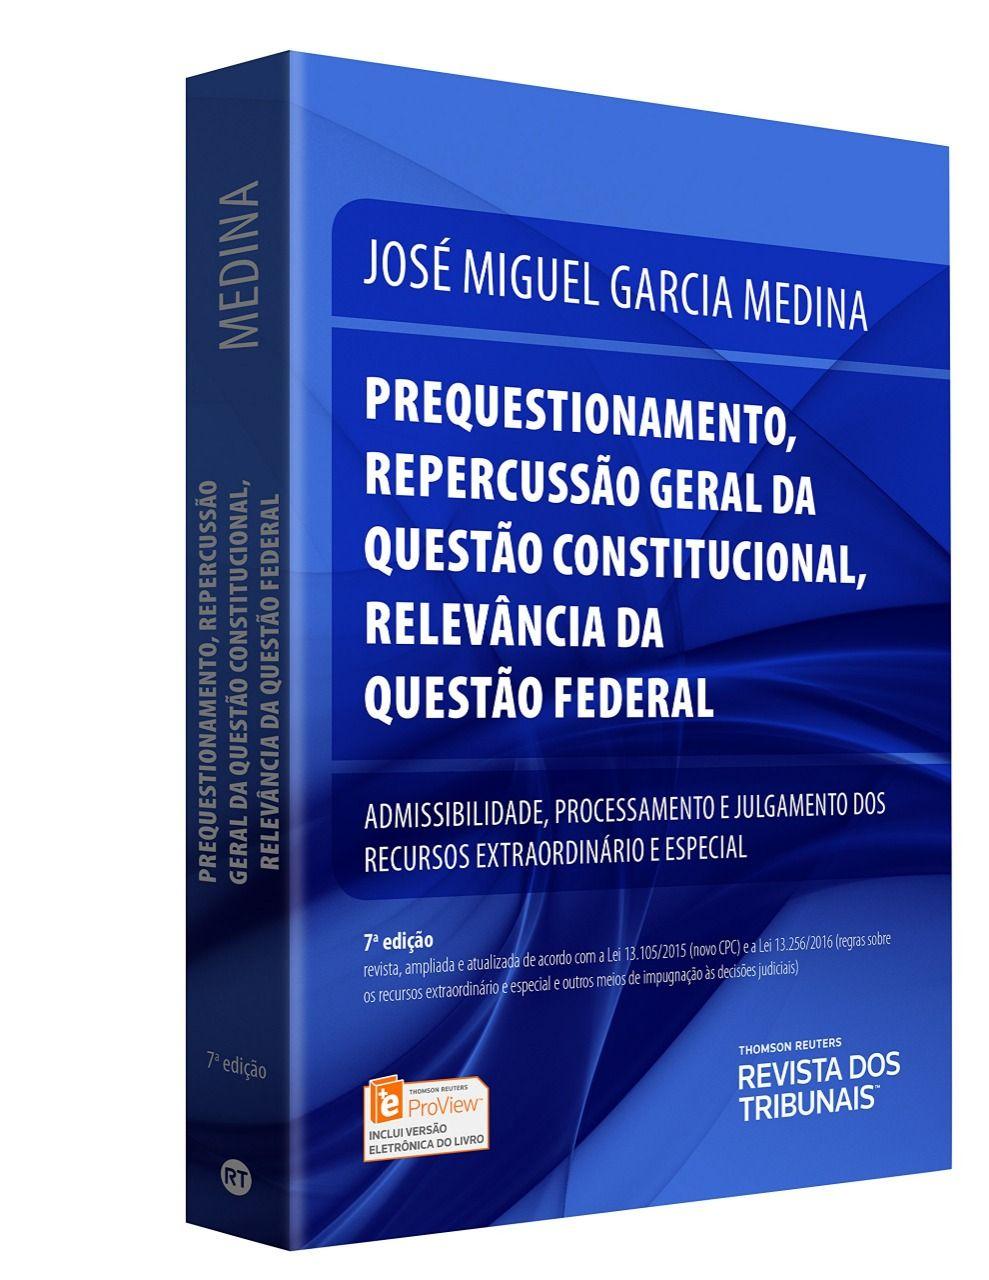 Prequestionamento - Repercussão Geral da Questão Constitucional - Relevância da Questão Federal